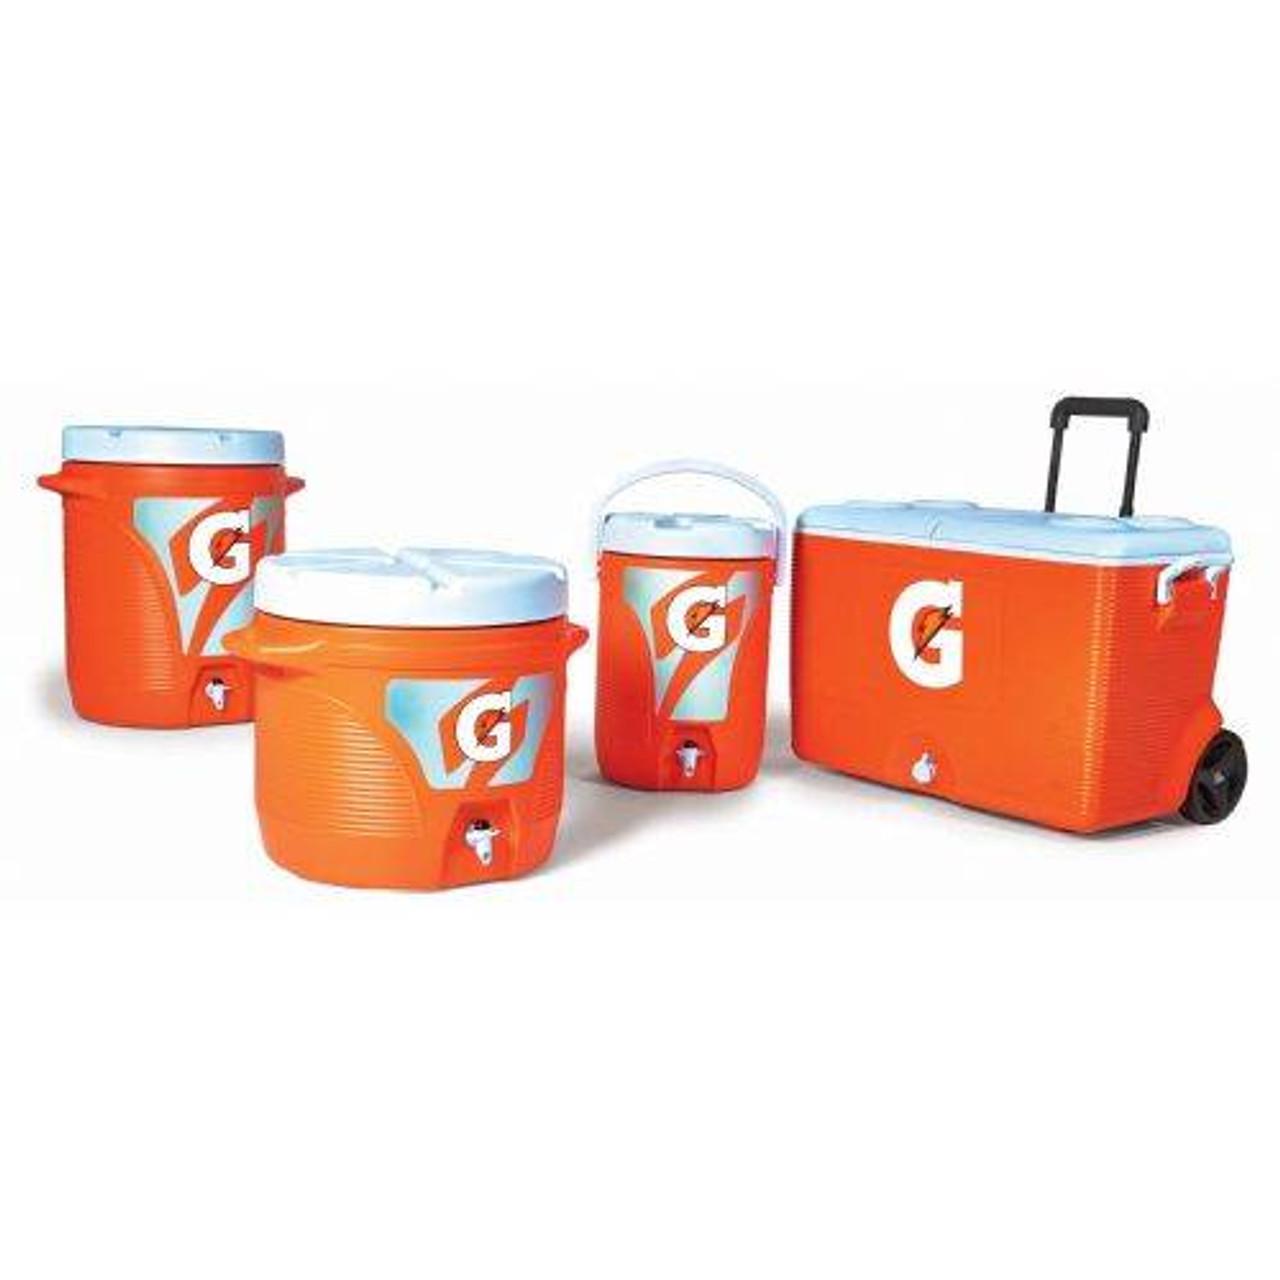 Gatorade Dispensing Cooler